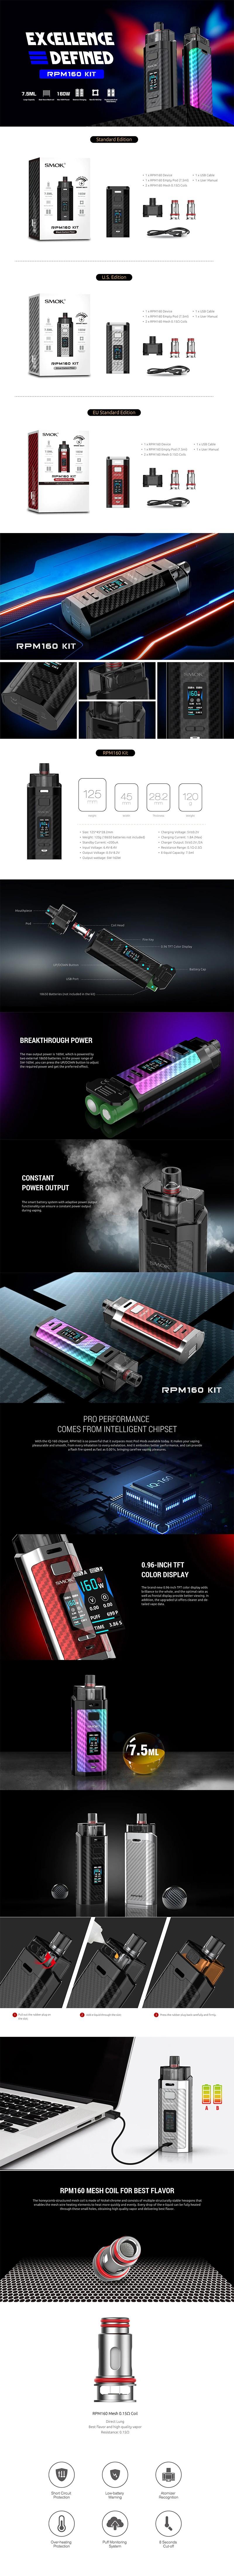 SMOK RPM160 160W VW Mod Pod System Vape Starter Kit